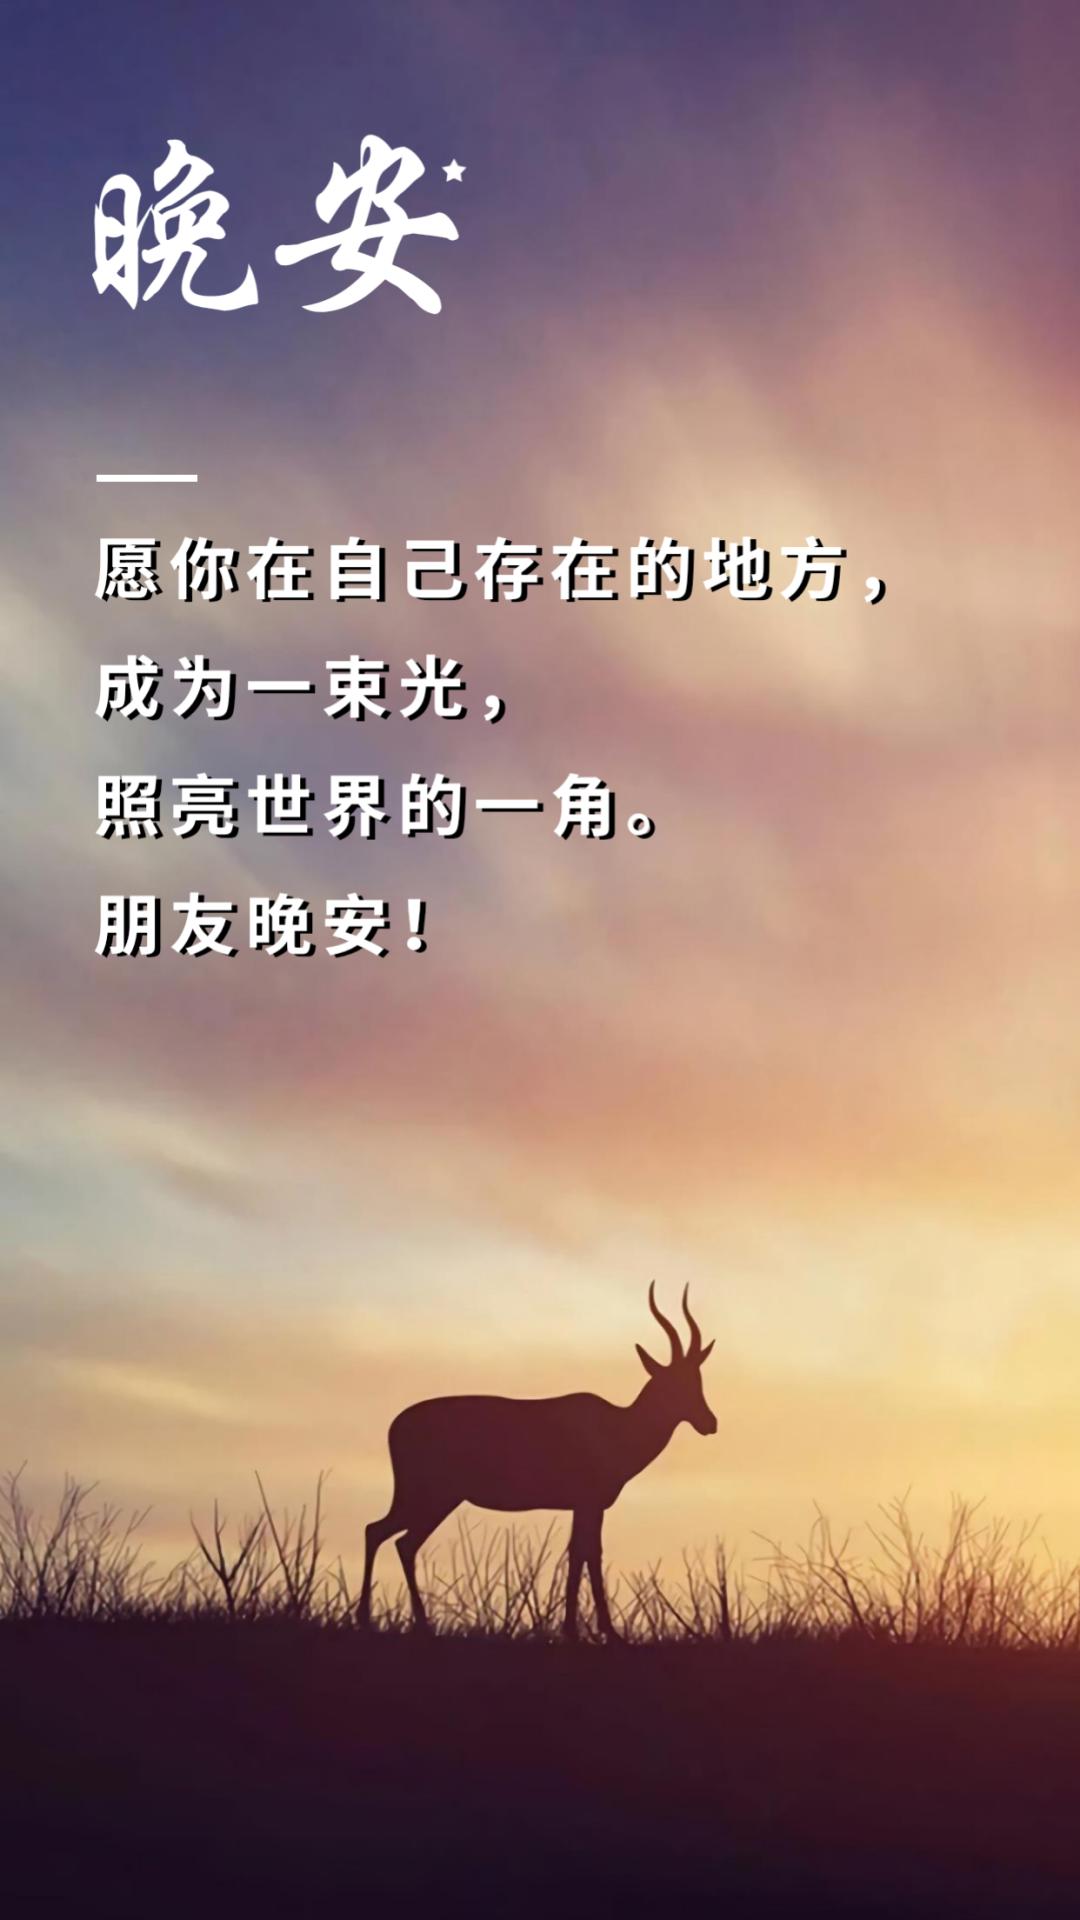 晚安,很漂亮的句子文字,更漂亮的图片